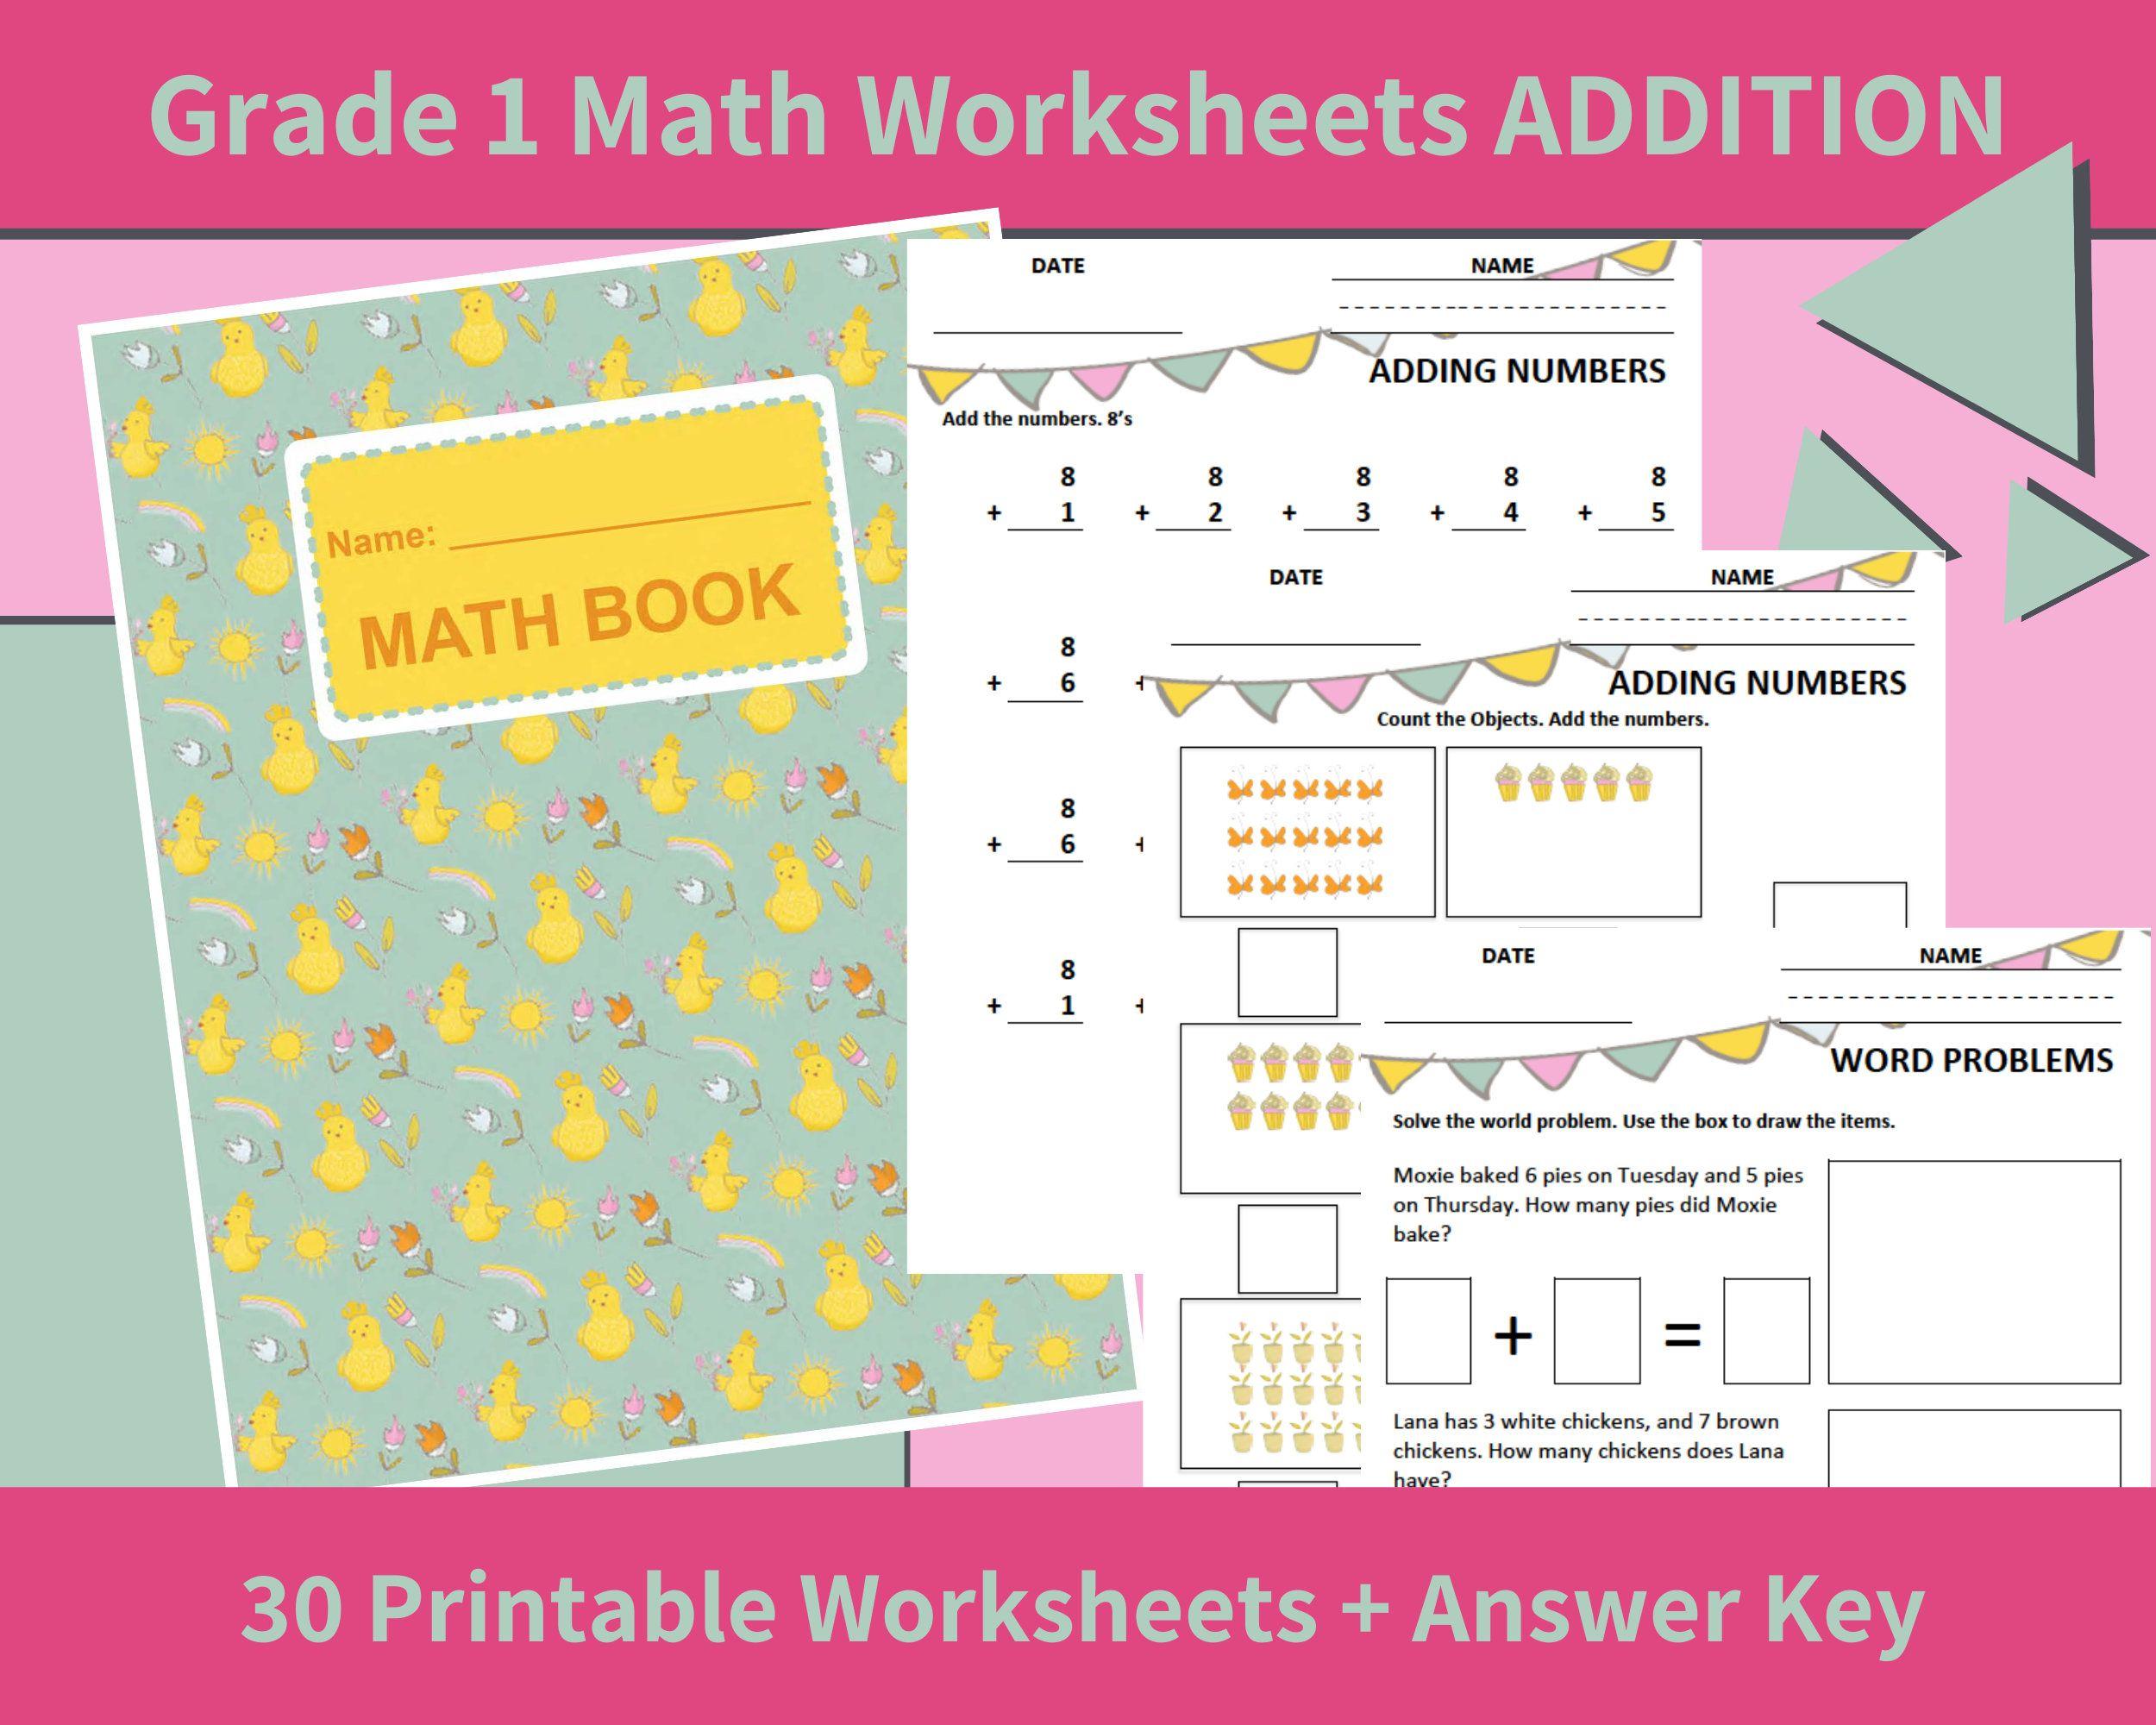 Worksheets For 1st Grade Math Grade 1 Math Worksheets Etsy 1st Grade Math Worksheets 1st Grade Math Math Workbook [ 2000 x 2500 Pixel ]